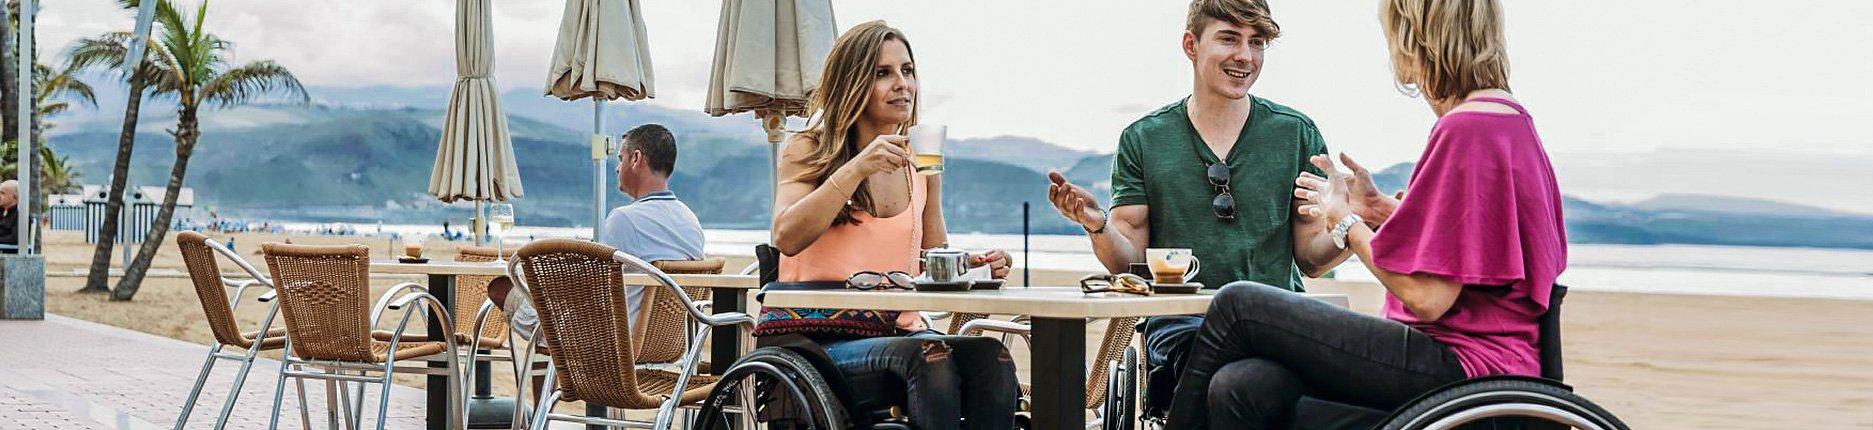 Junge Menschen im Rollstuhl unterhalten sich auf Café-Terasse